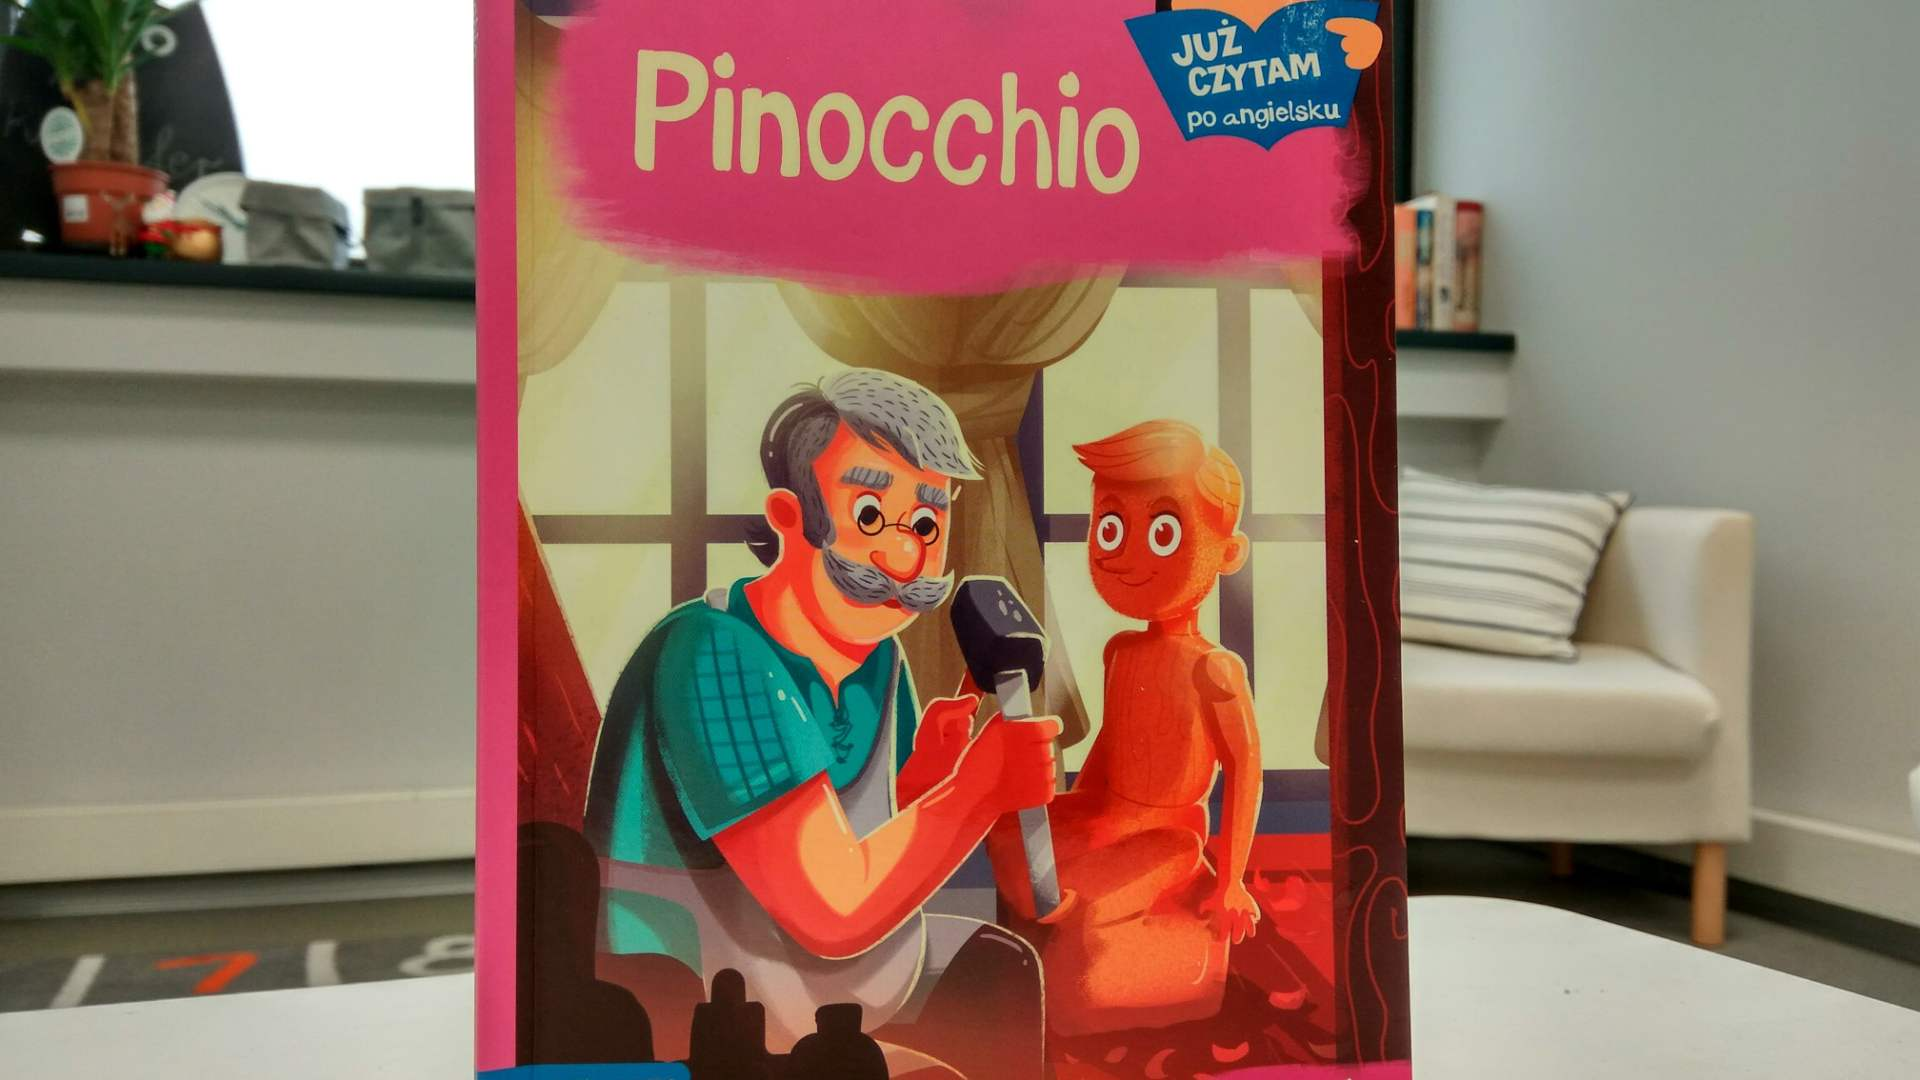 Pinocchio - już czytam po angielsku